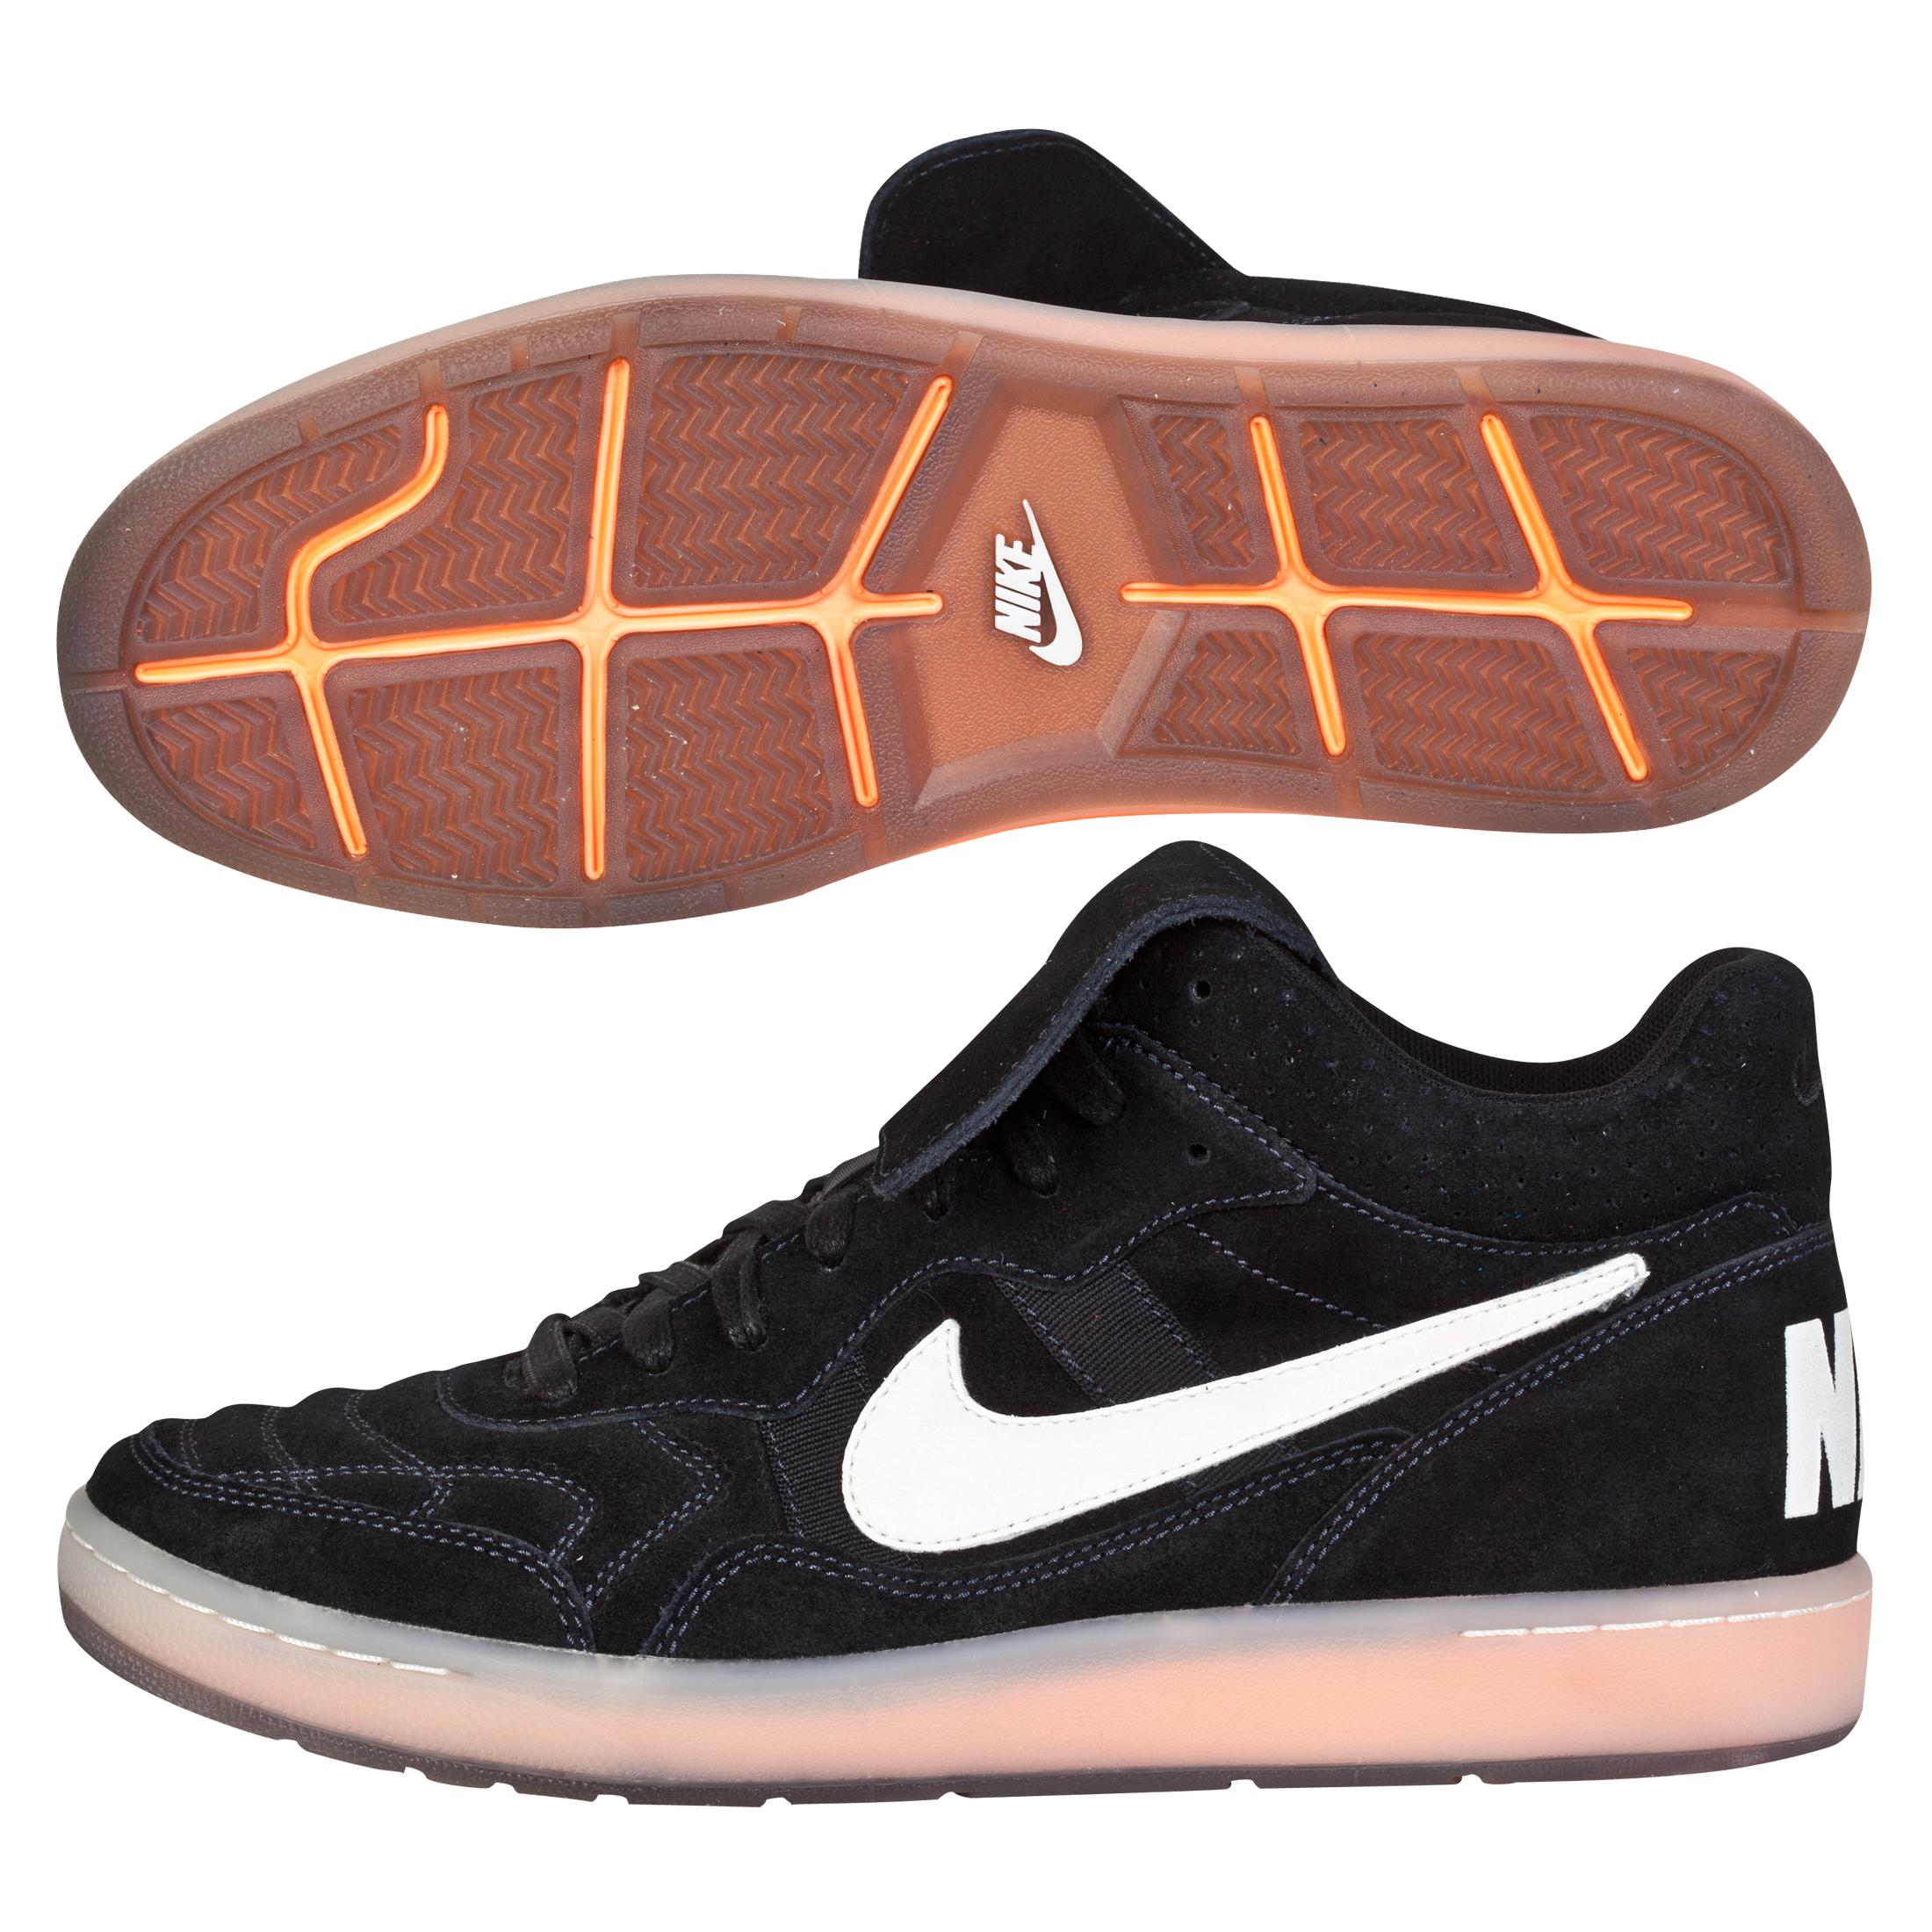 Nike Tiempo 94 Mid Trainer Black